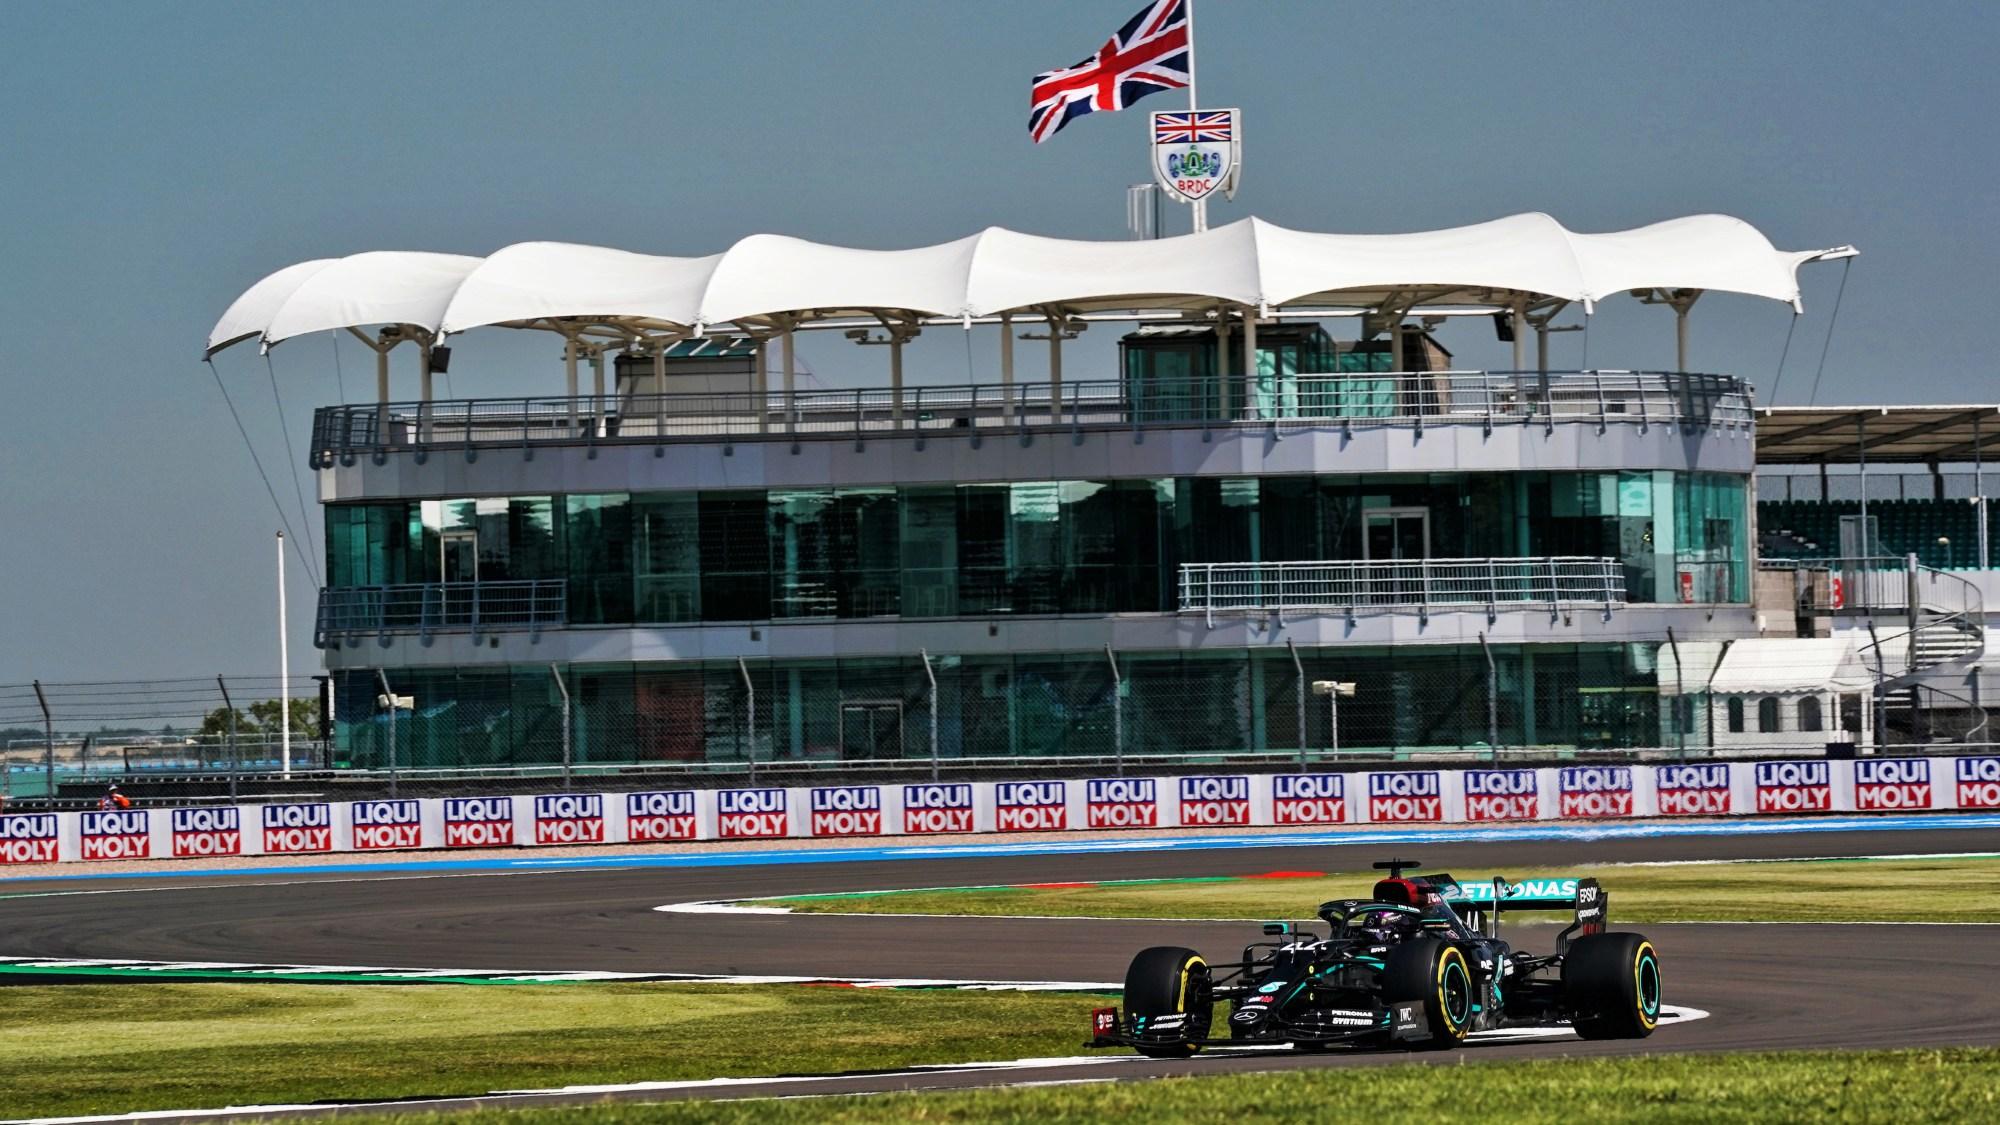 2020 British GP, Lewis Hamilton